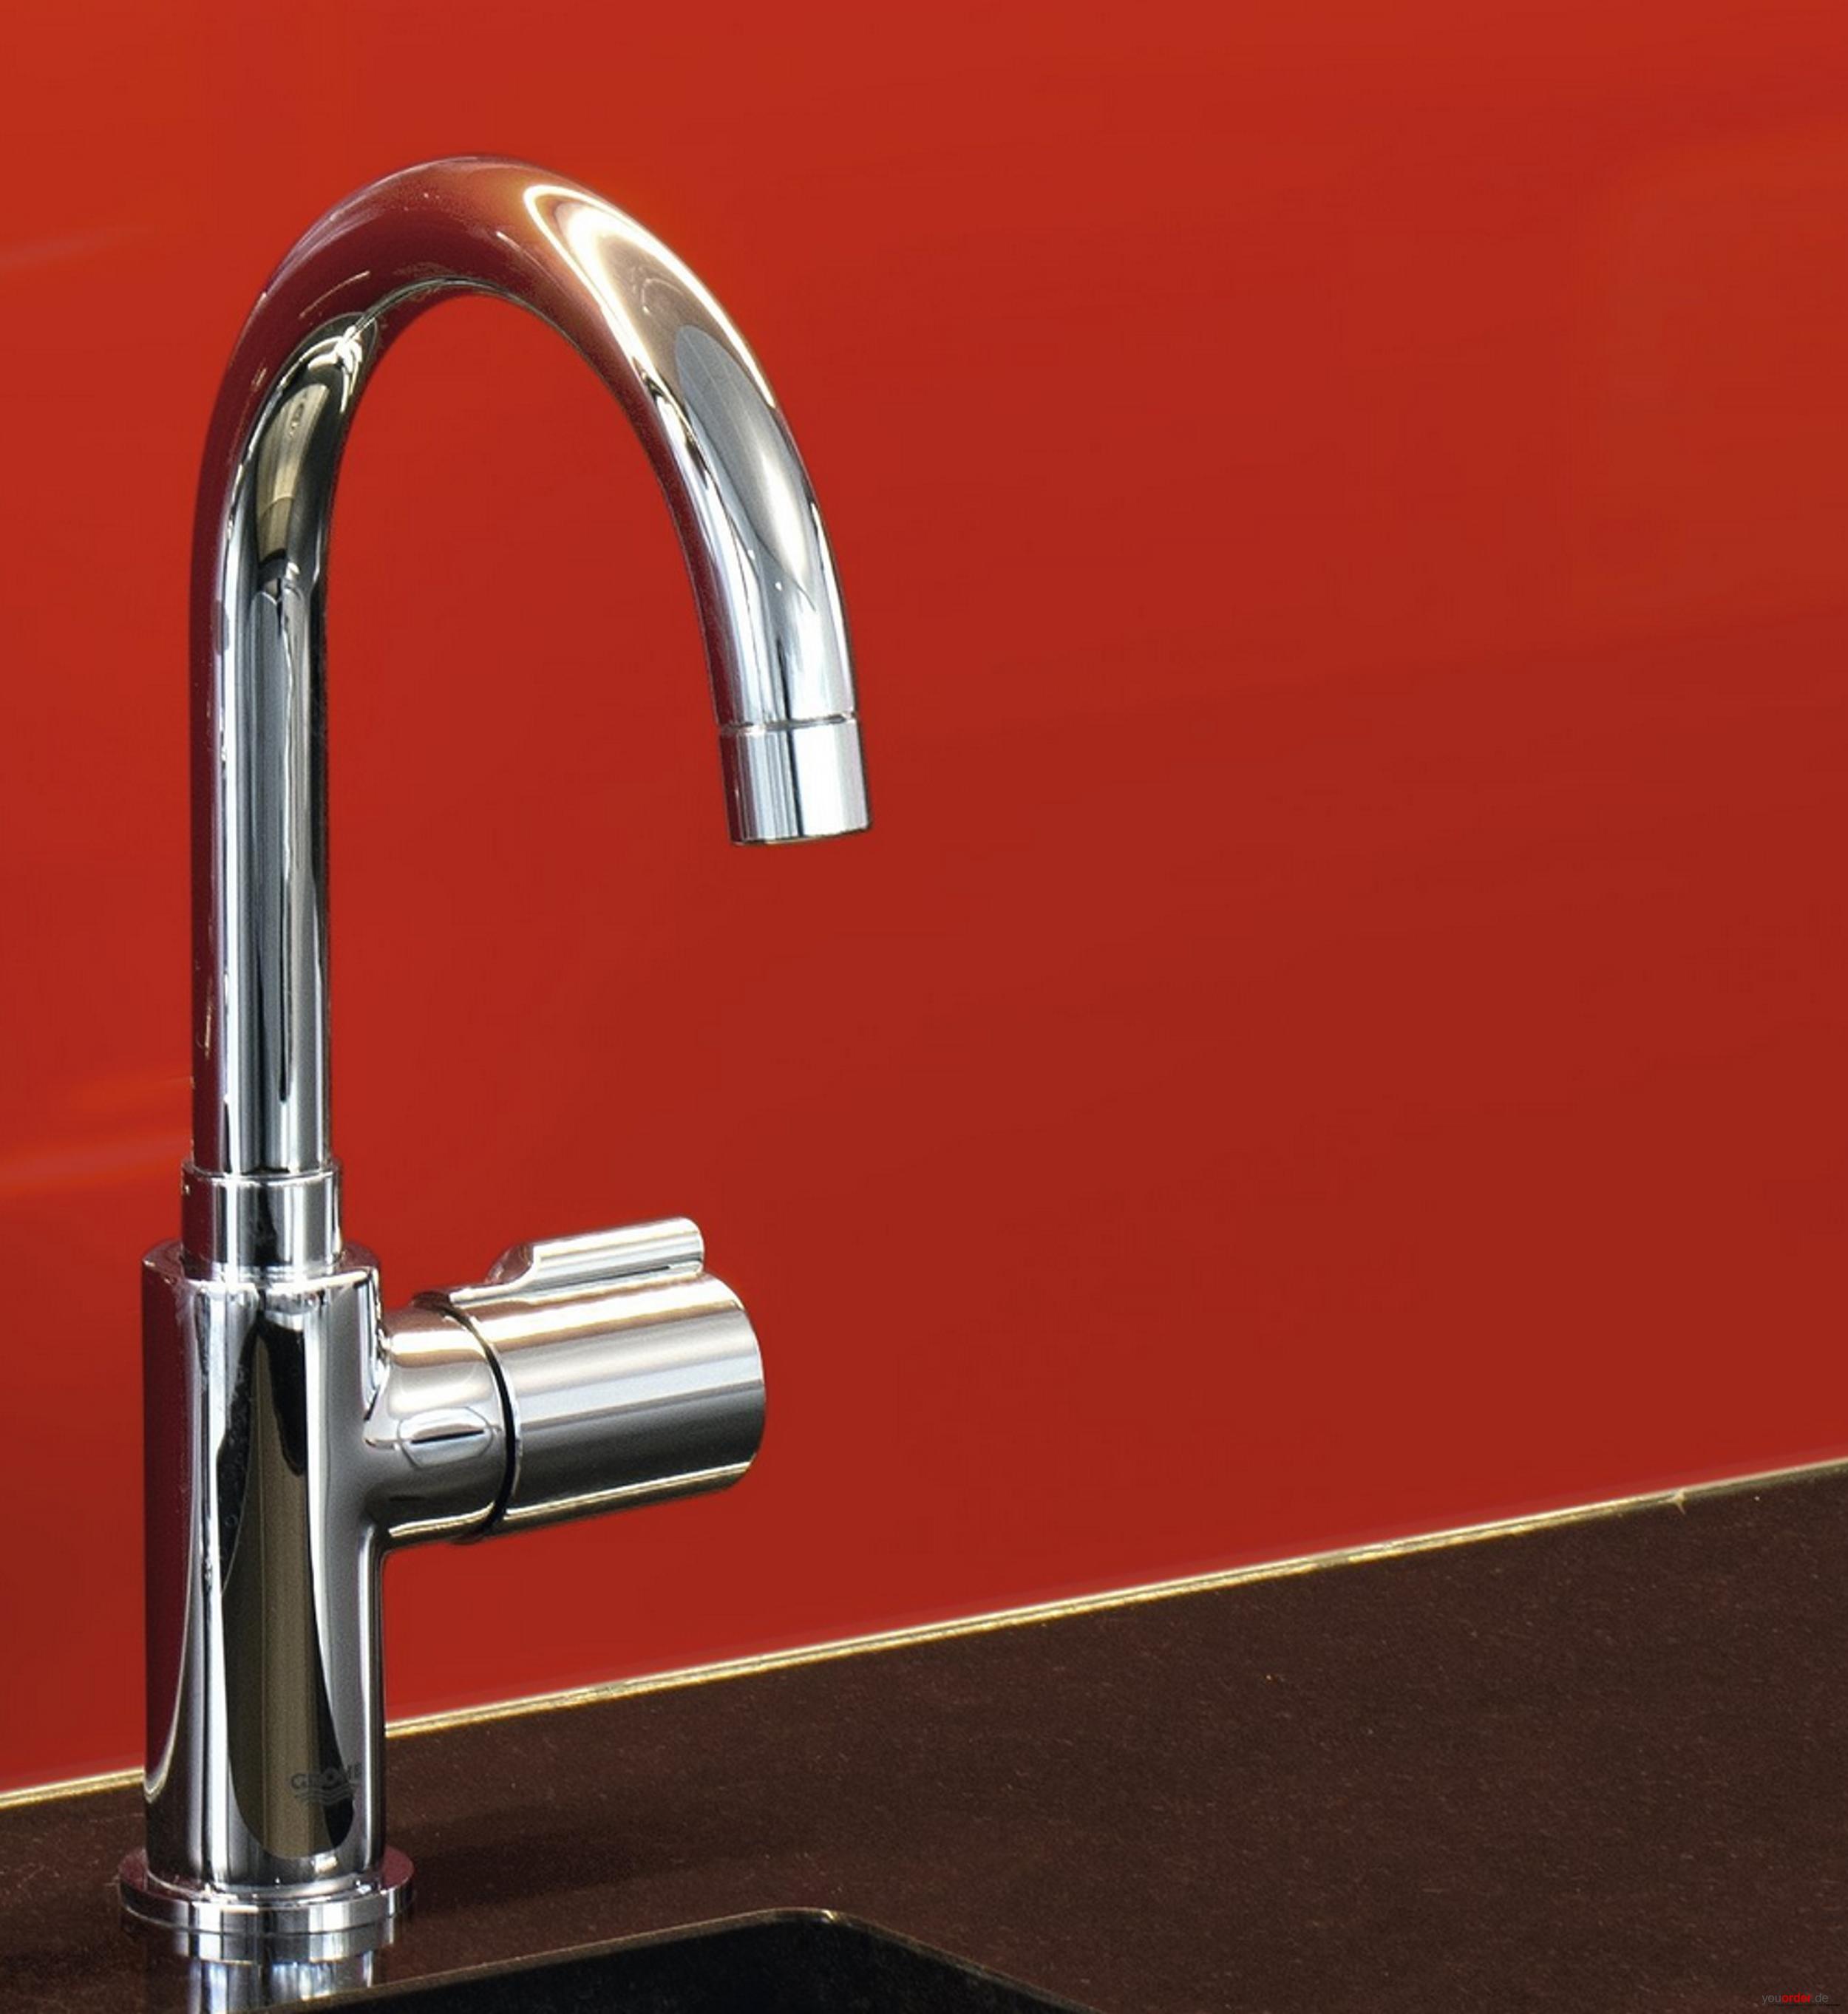 grohe red mono standventil und boiler 4 liter youorder der partner zwischen hersteller und. Black Bedroom Furniture Sets. Home Design Ideas